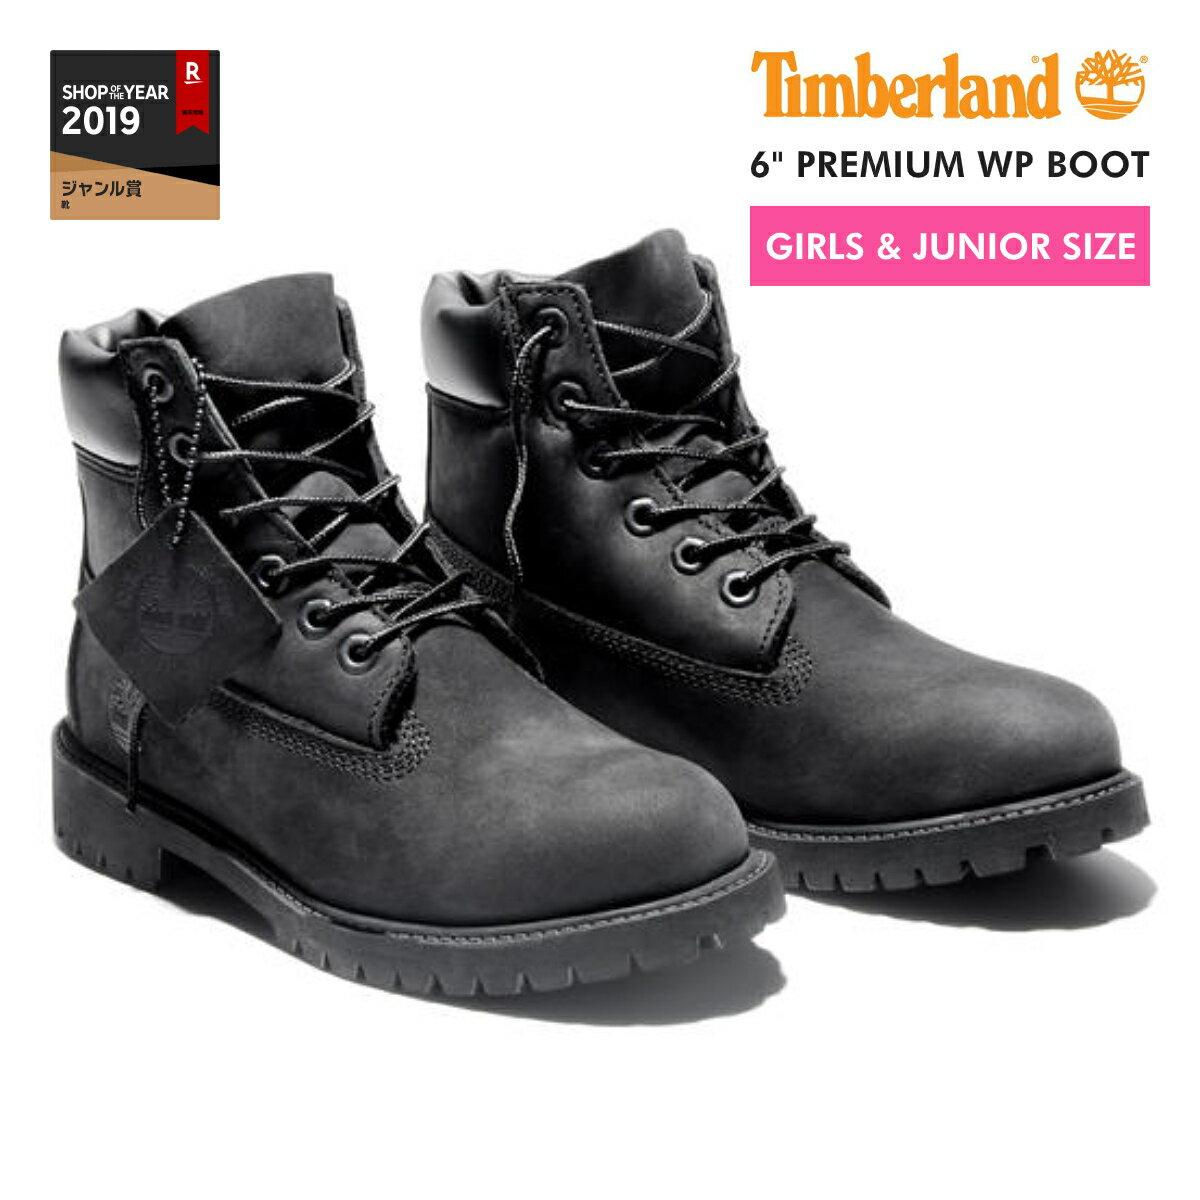 【大人気の女の子サイズ♪】 TIMBERLAND 6inch PREMIUM BOOT ティンバーランド 6インチ プレミアム ブーツ 【JUNIOR'S】 BLACK 【レディース】